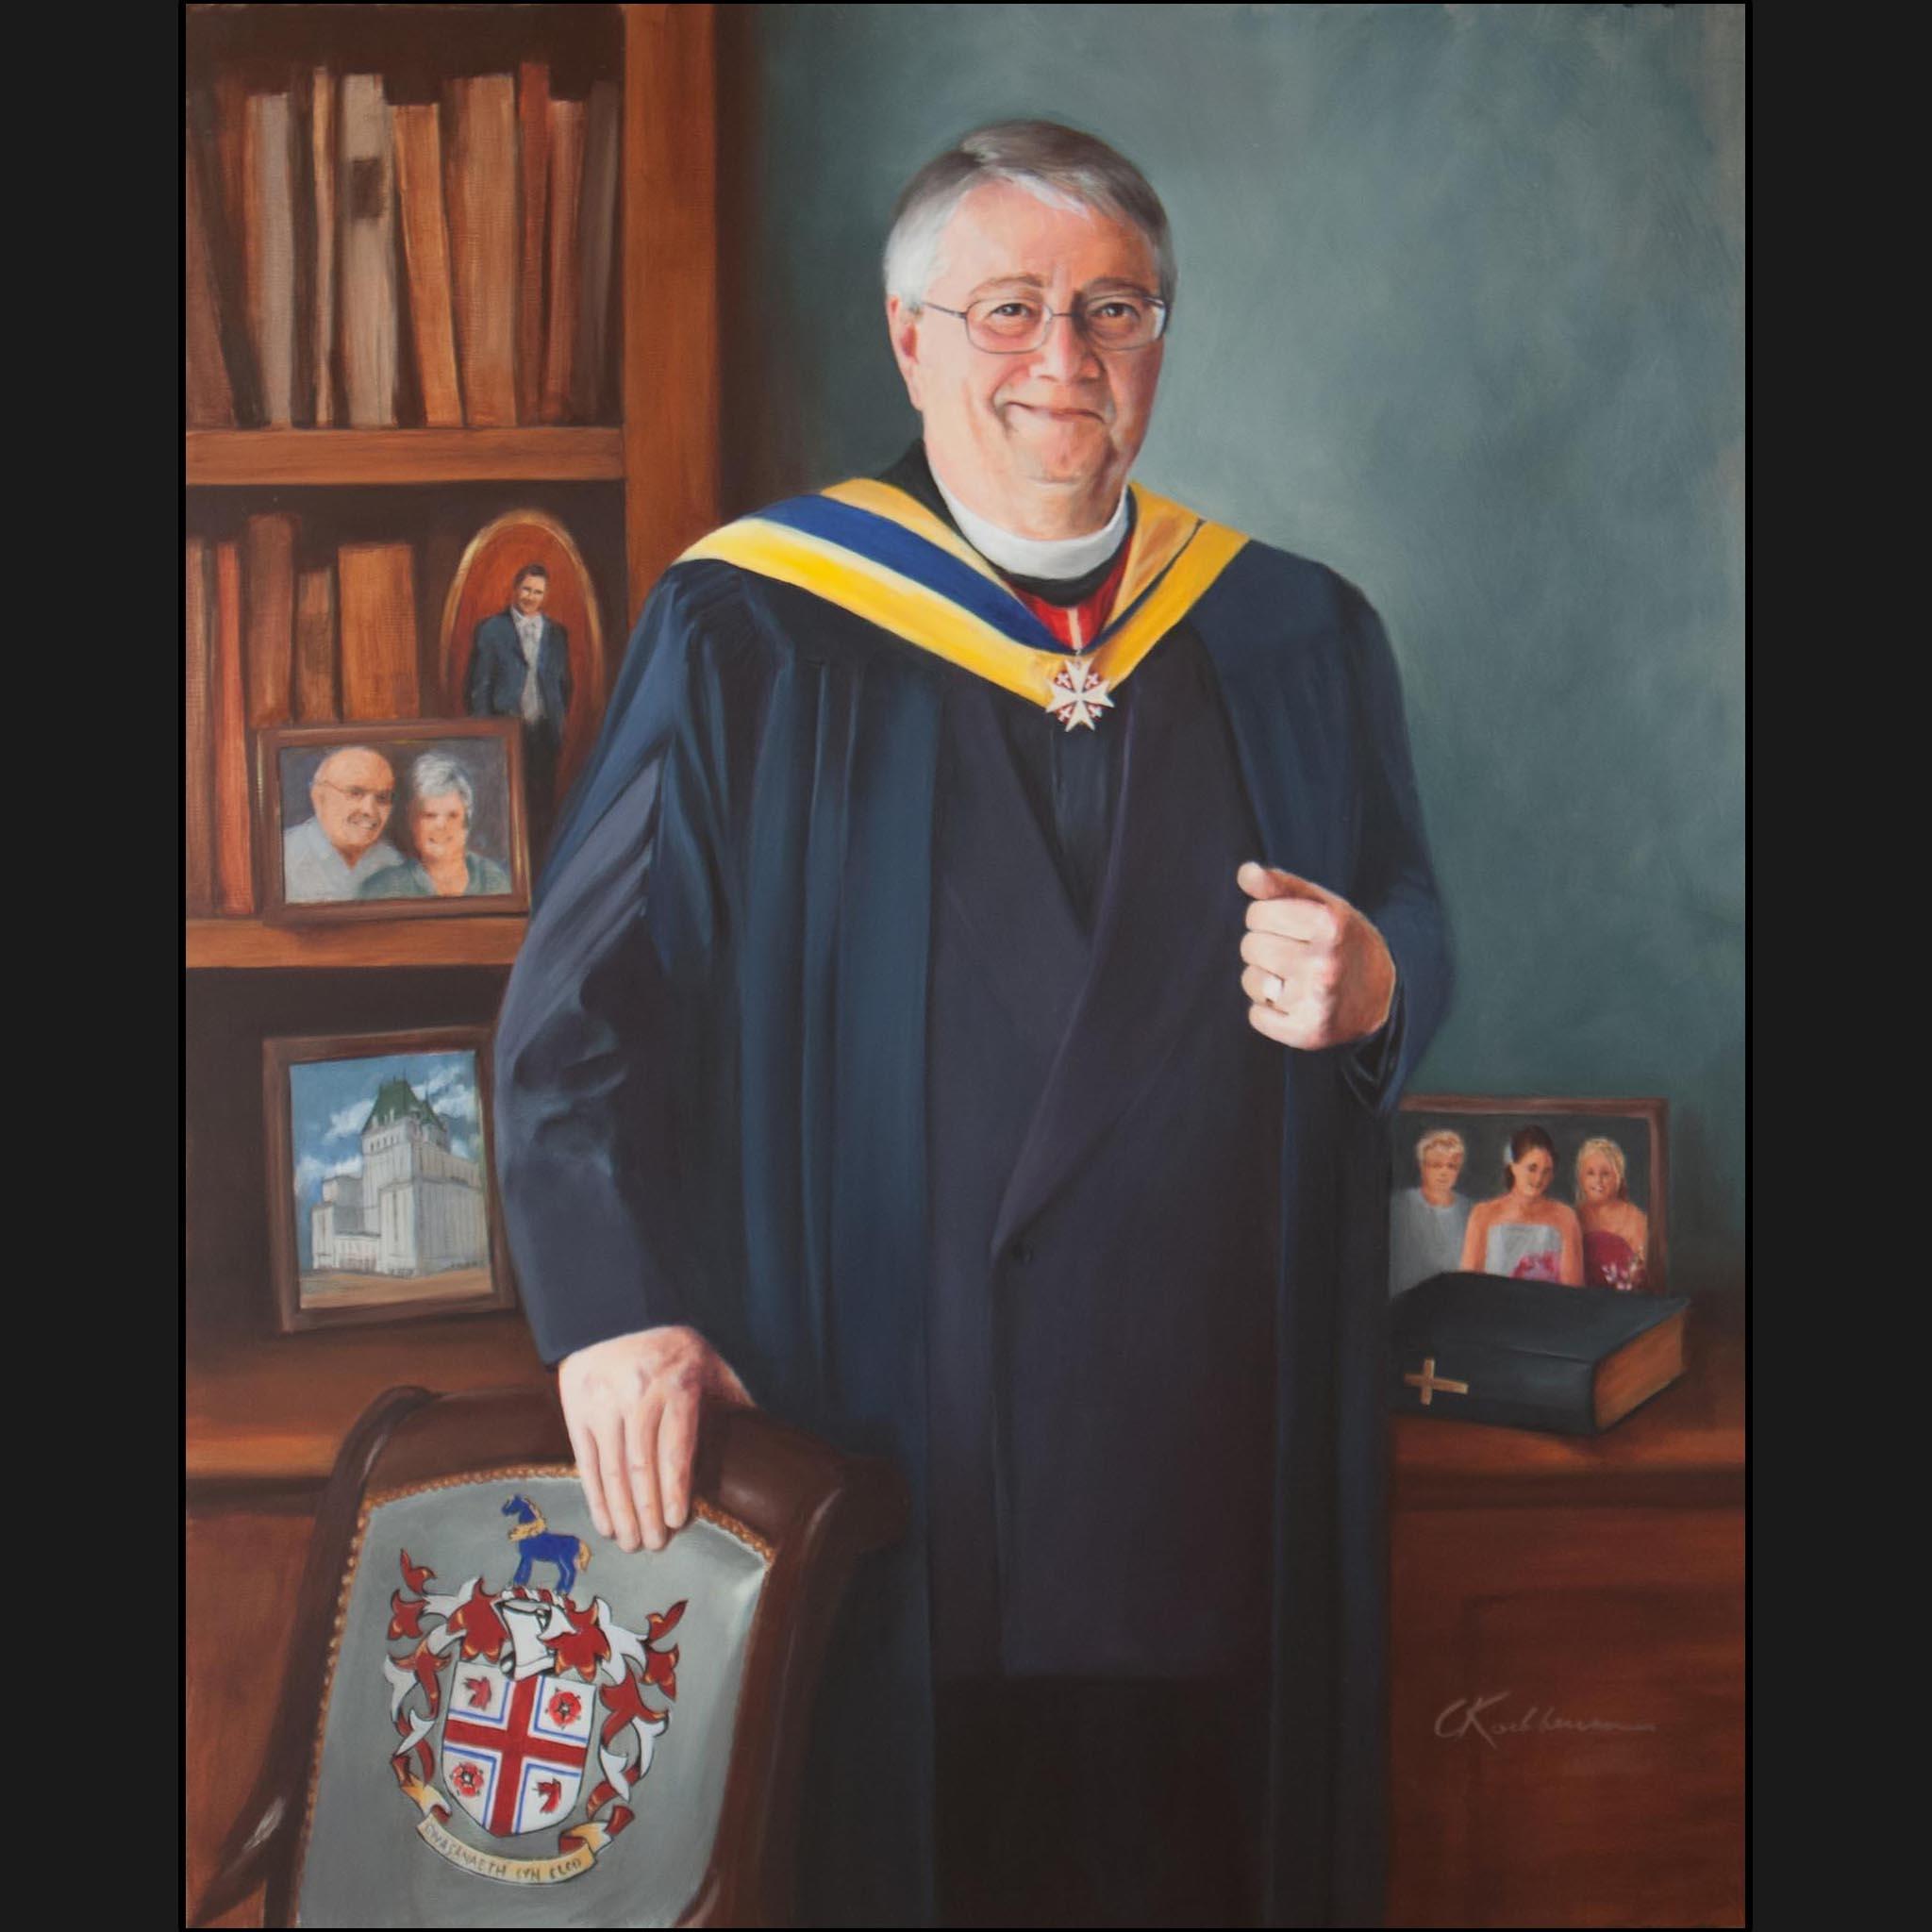 Portrait of Ian Powell